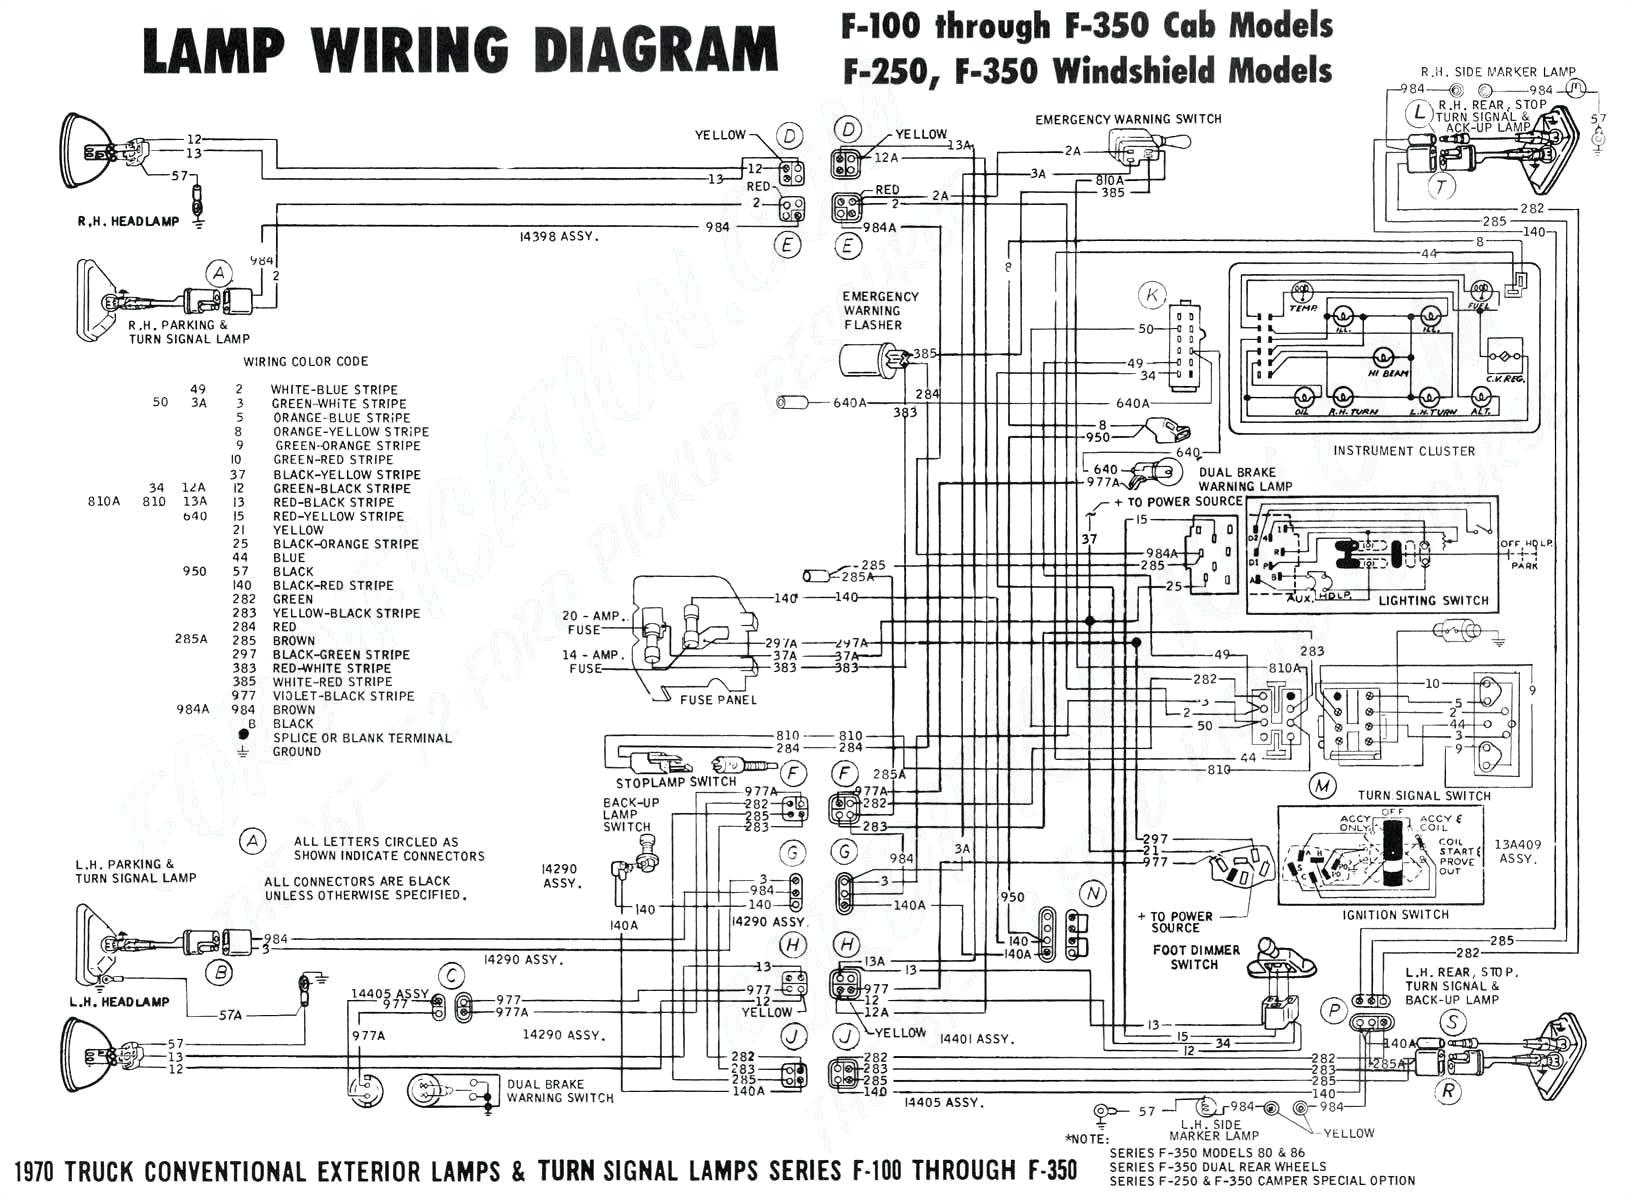 86 toyota Pickup Wiring Diagram Diagram Moreover 86 toyota Pickup Vacuum Diagram I303 Photobucket